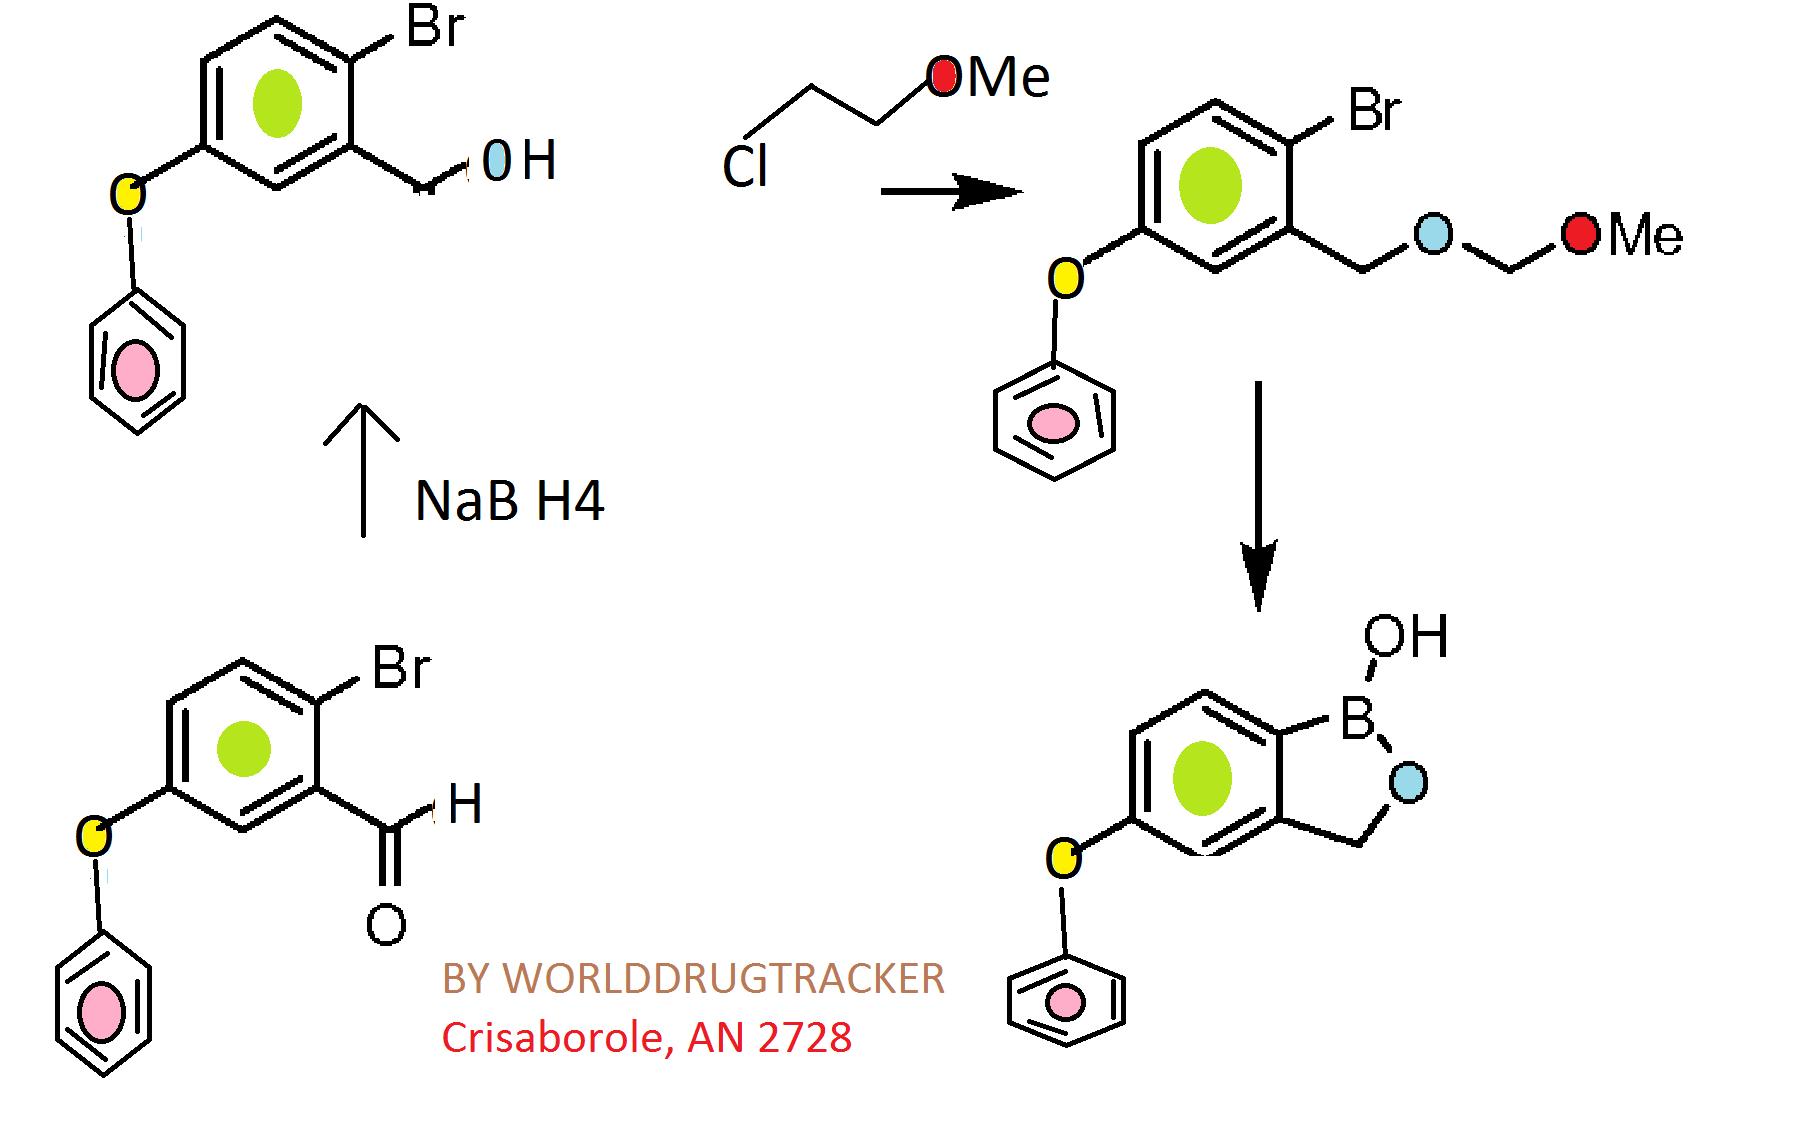 Crisaborole fdating